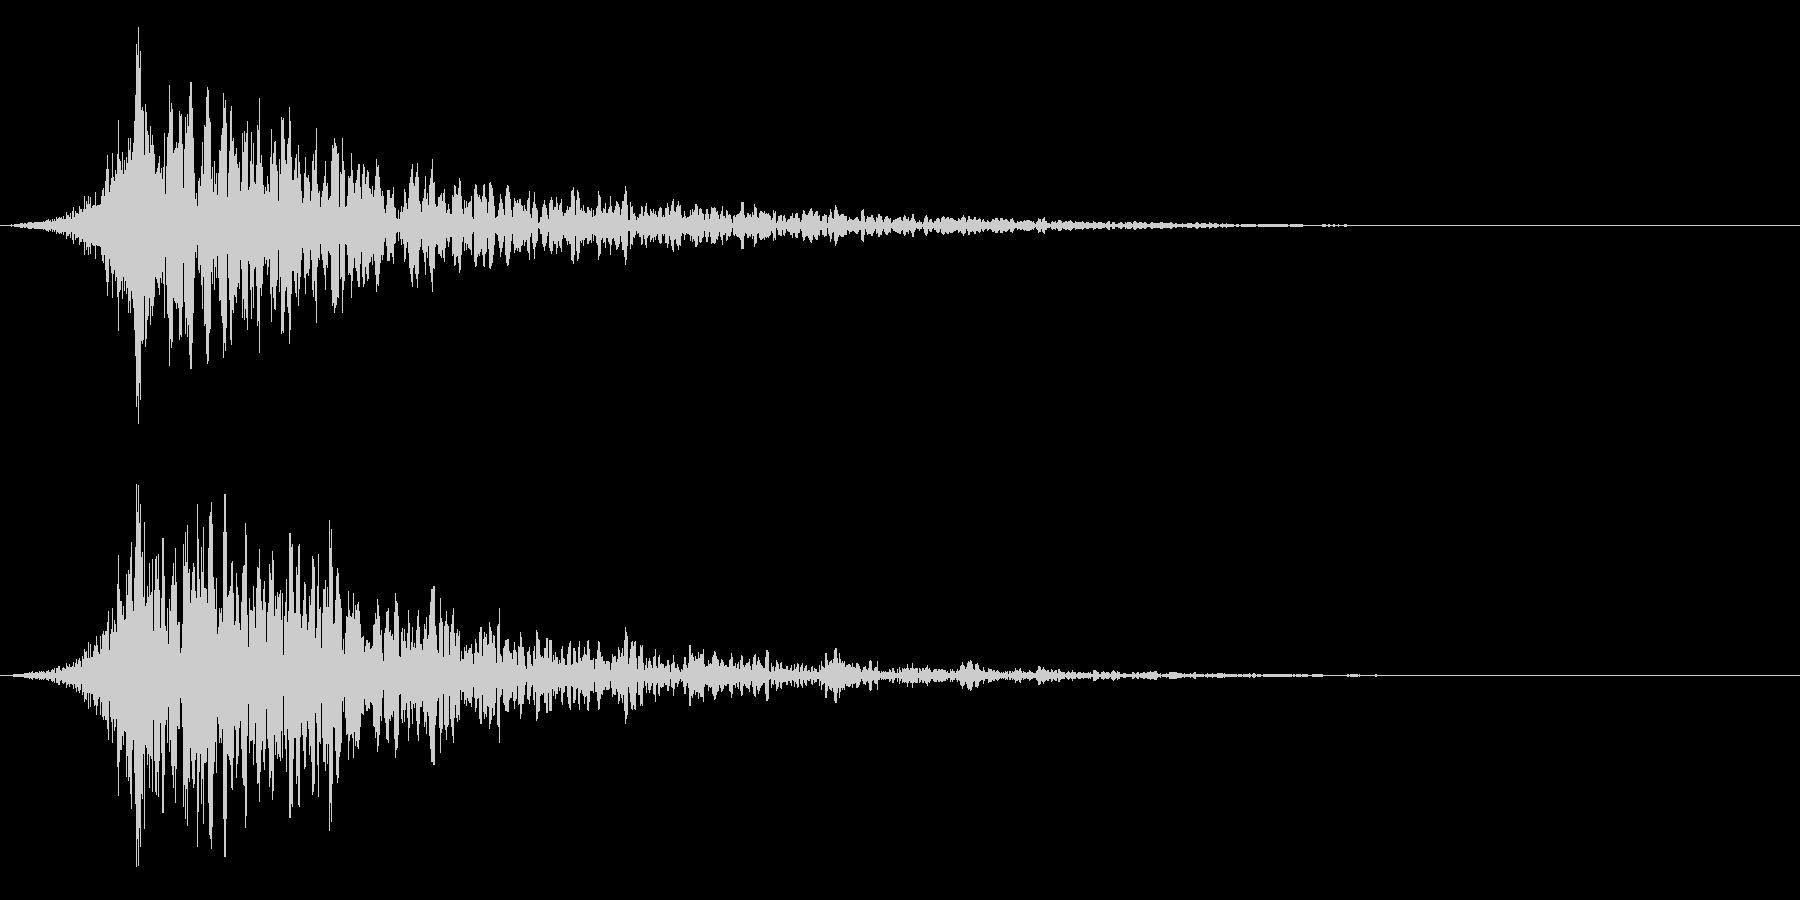 シュードーン-41-1(インパクト音)の未再生の波形